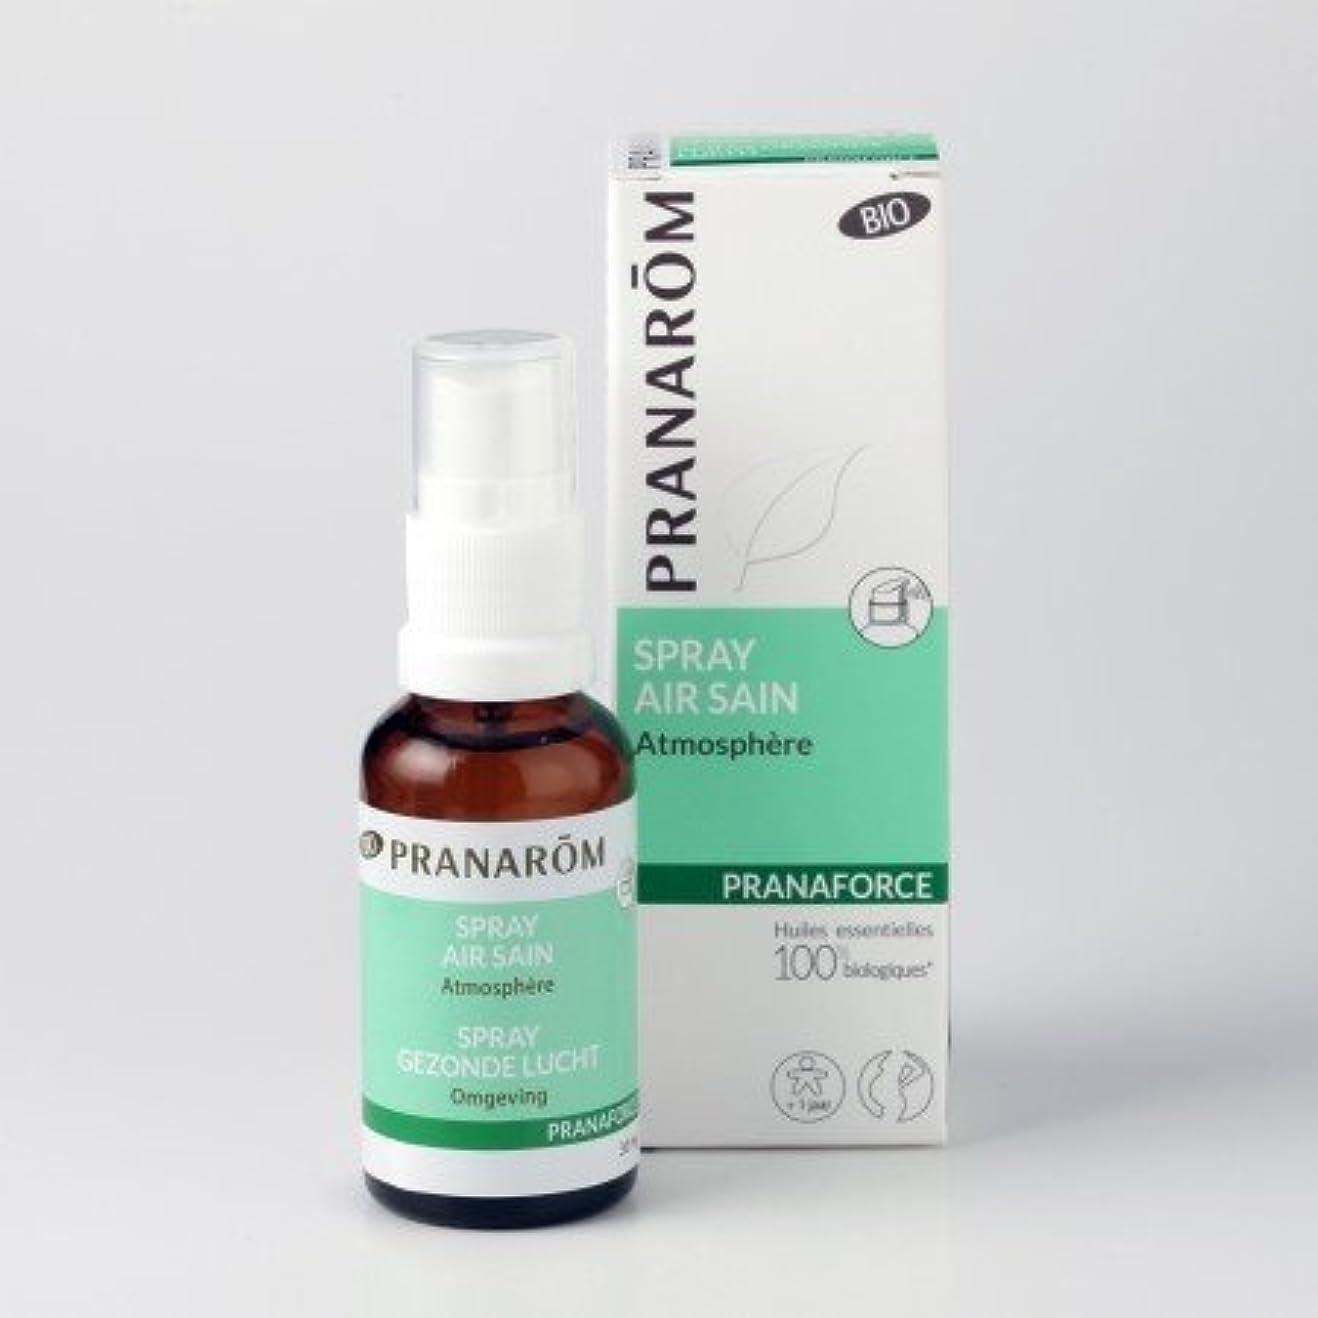 何でも慣れる特異性プラナロム (PRANAROM) ルームコロン プラナフォース?スプレー 30ml 02601 エアフレッシュナー (芳香剤)